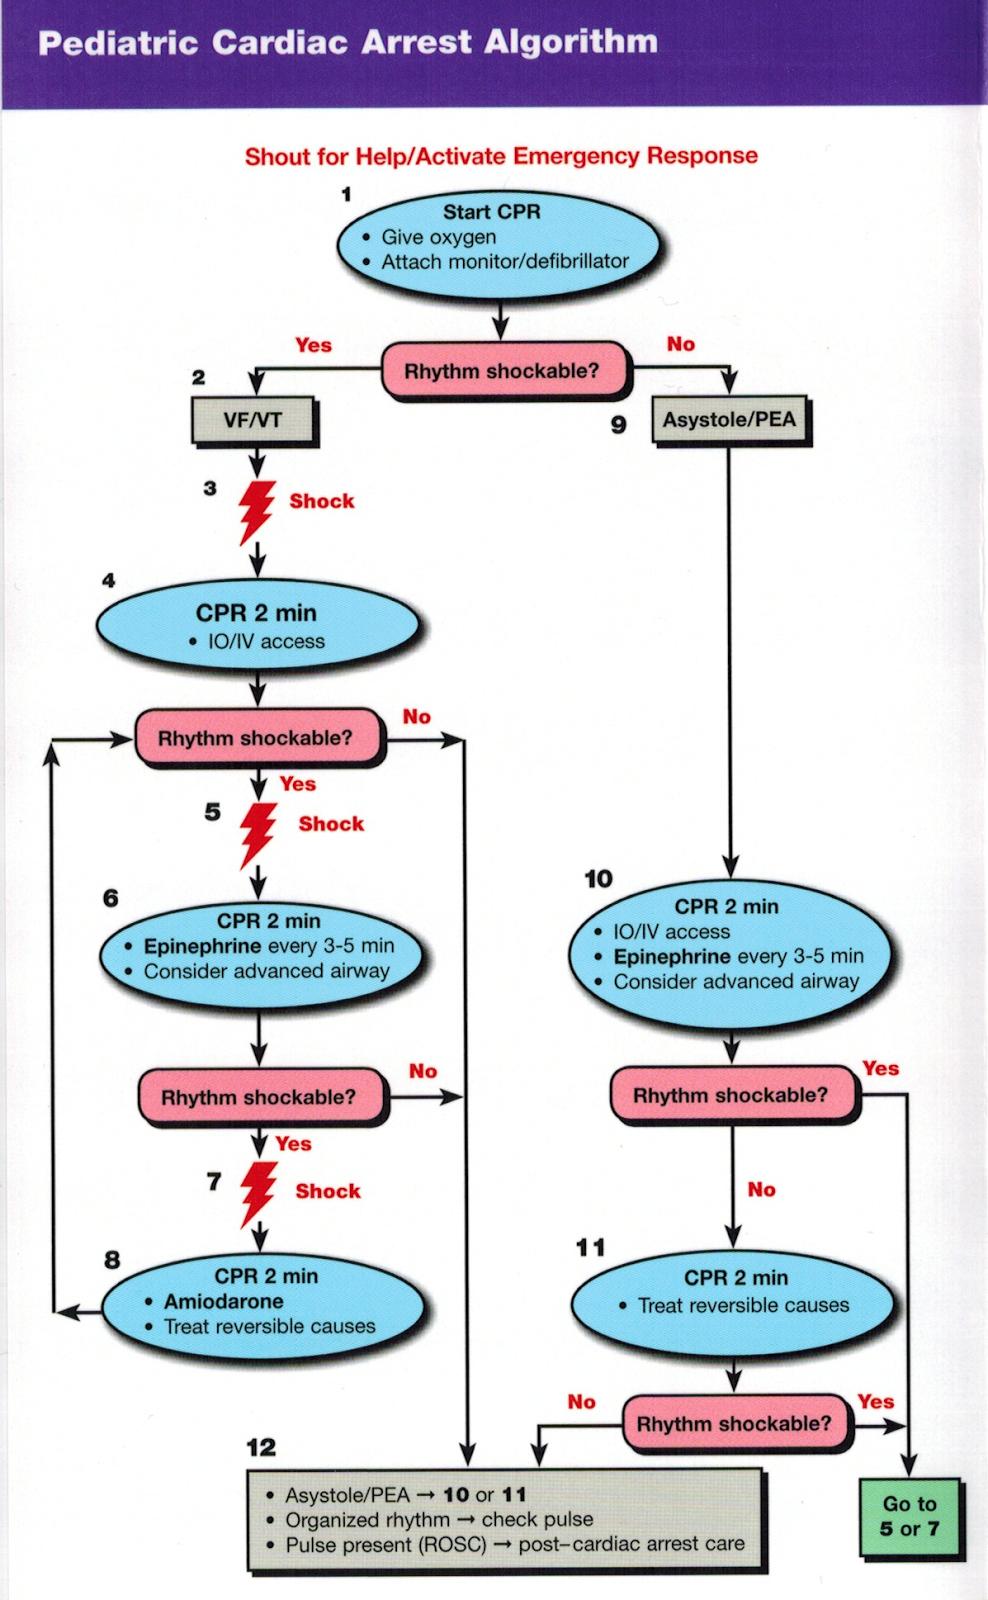 anmc guidelines for enrolled nurses